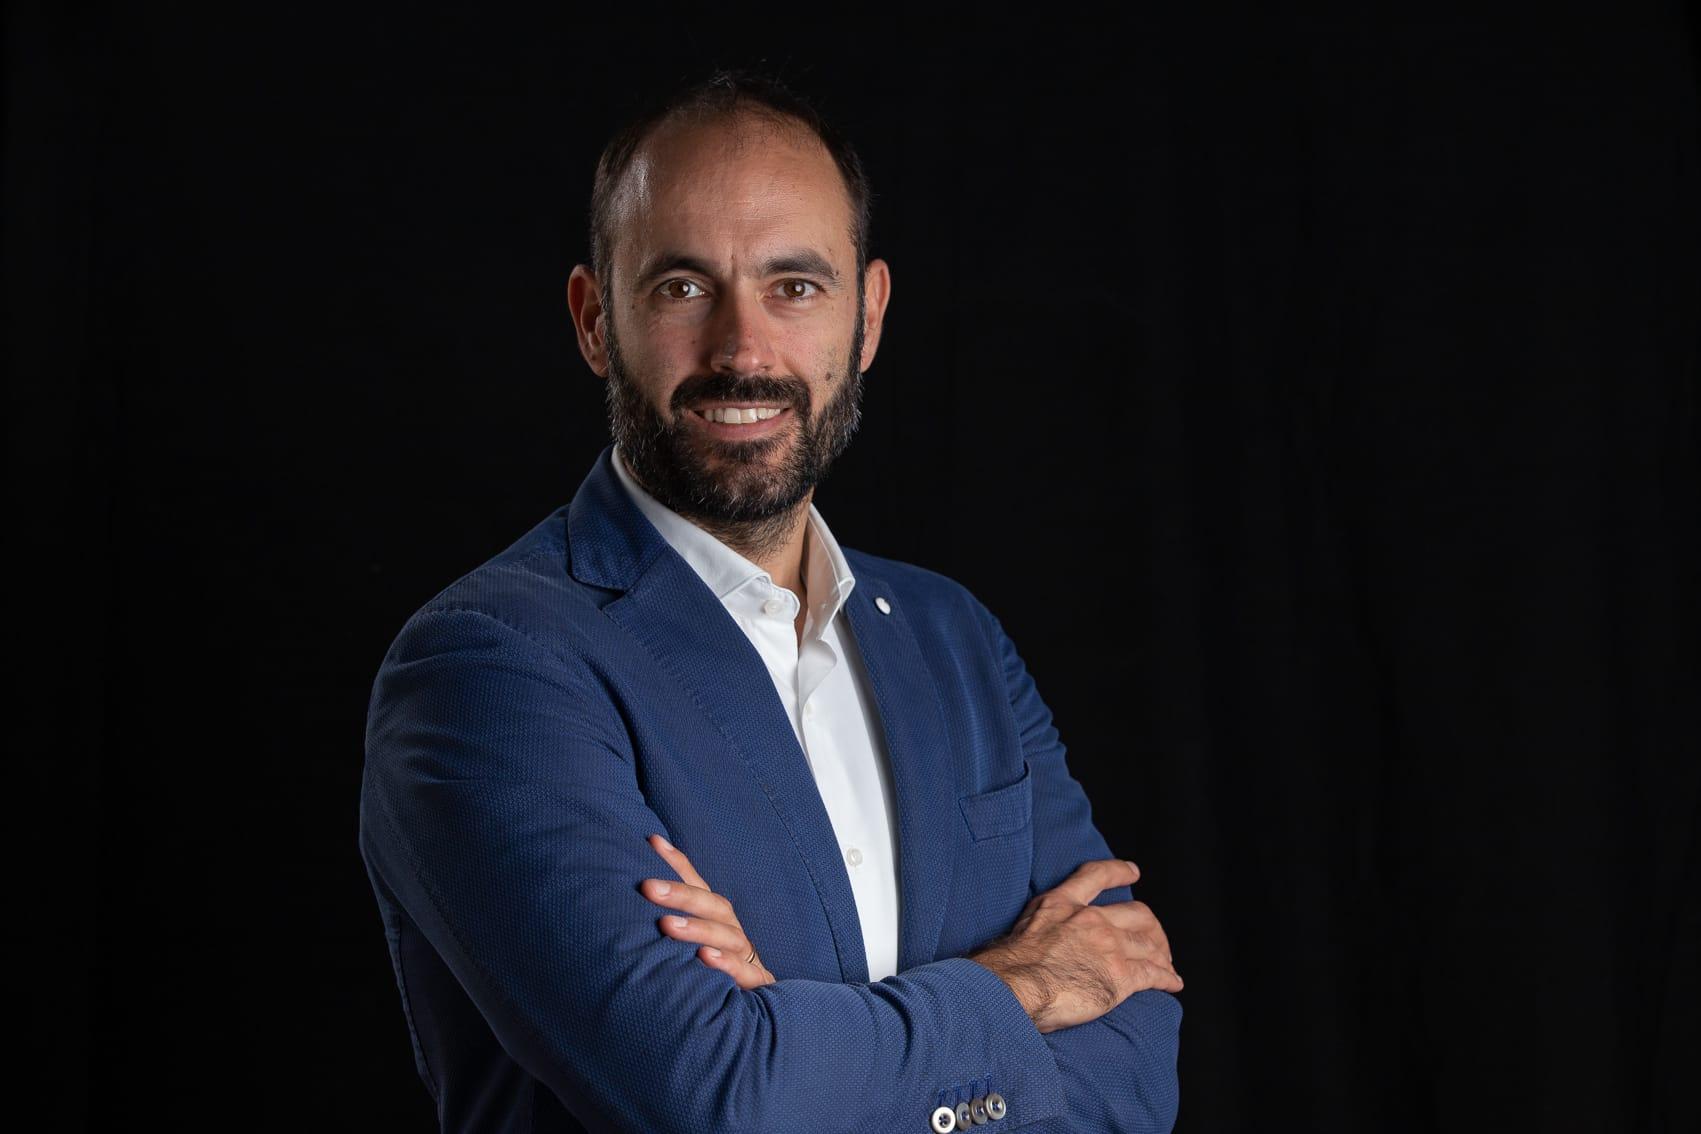 Matteo Ghedini